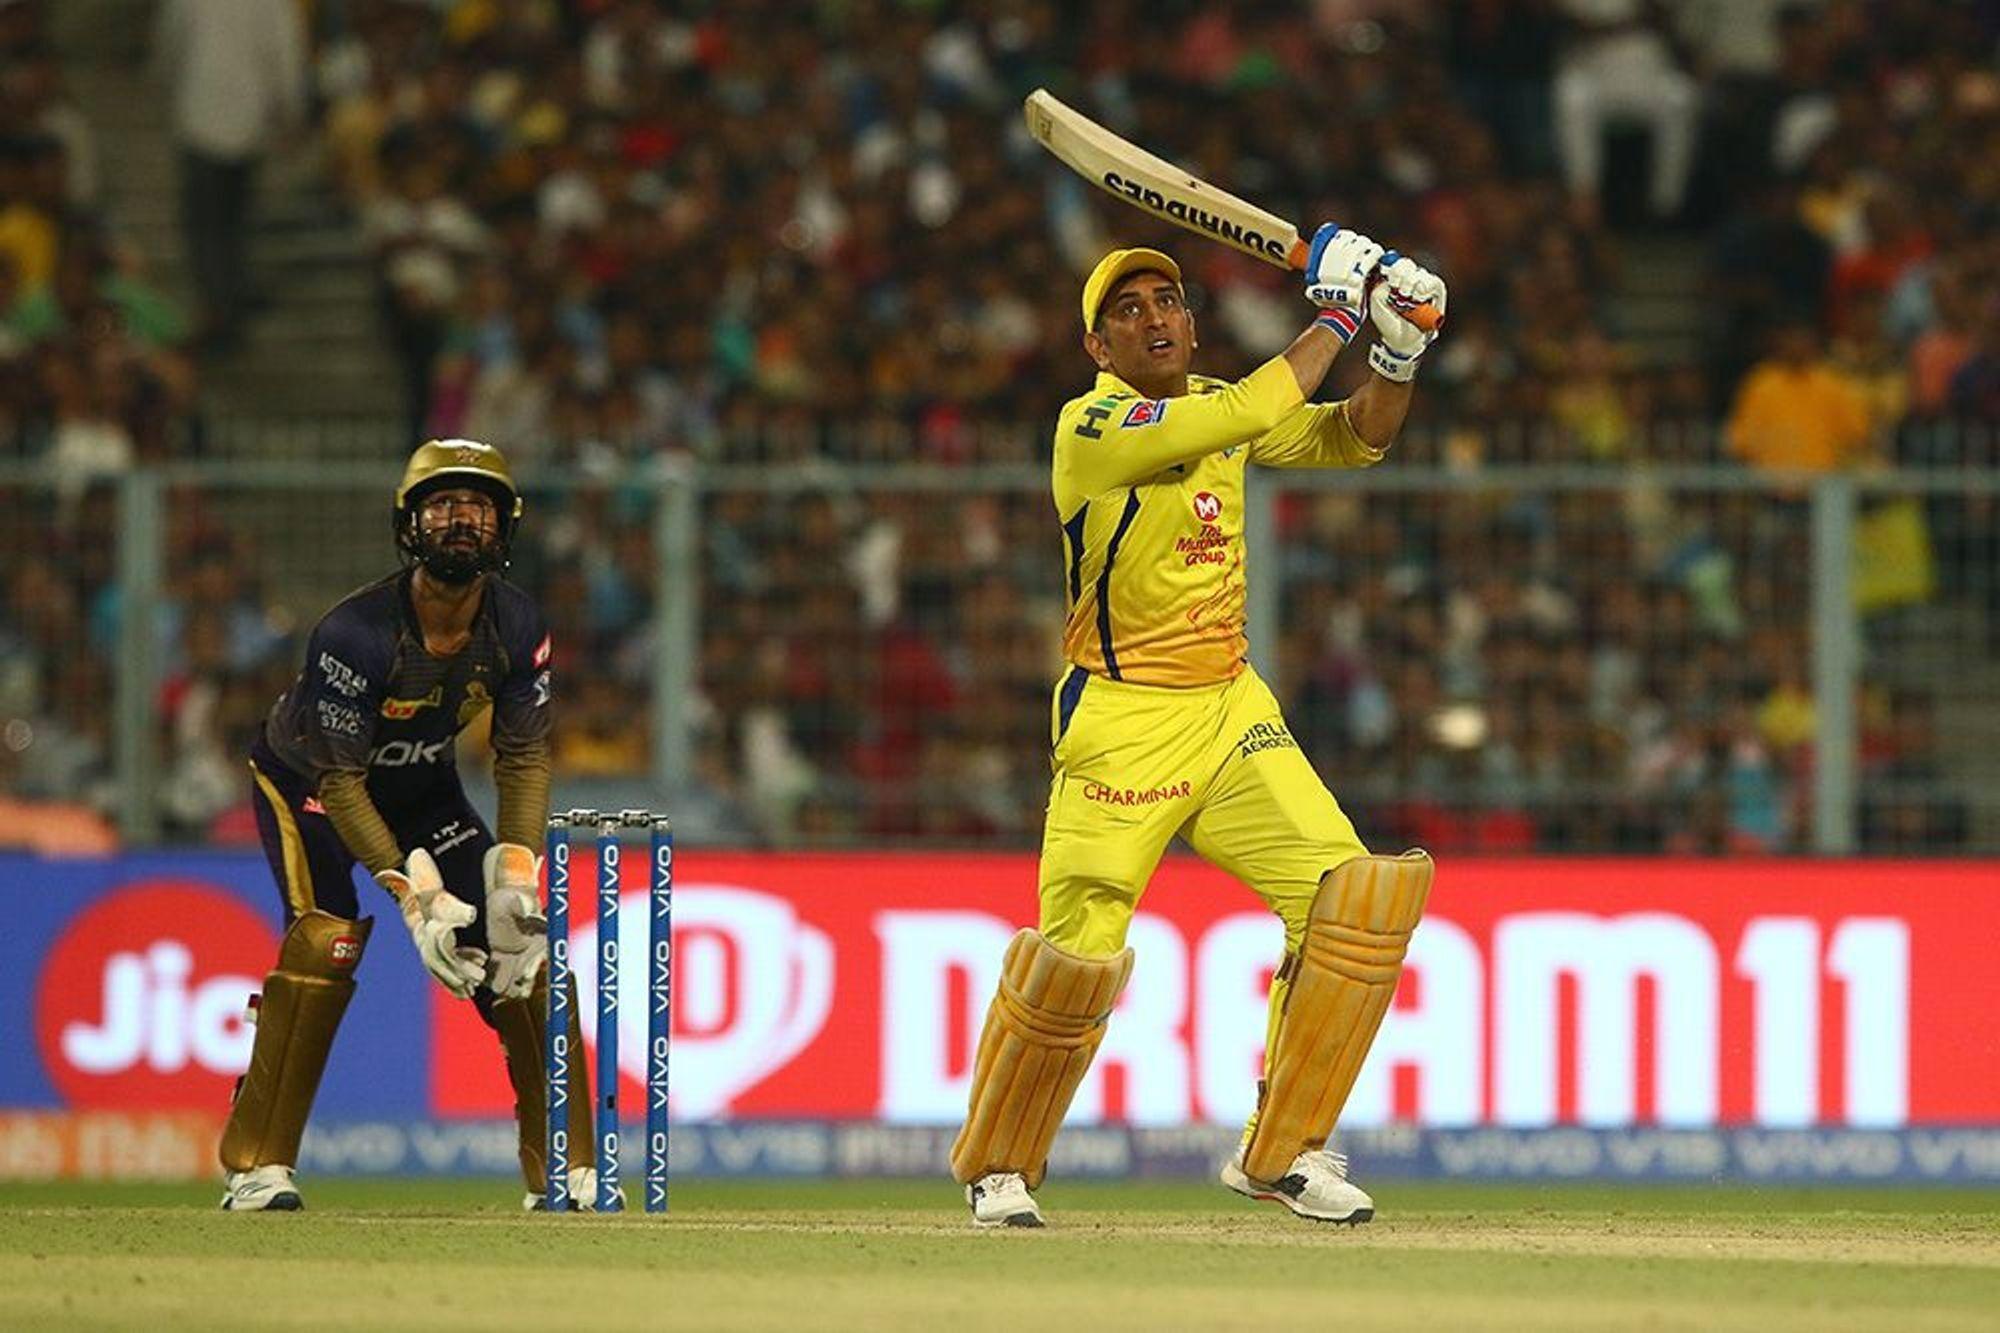 आईपीएल 2019 : चेन्नई सुपरकिंग्स के फैन्स के लिए अच्छी खबर बैंगलोर के खिलाफ मैच से पहले फिट हैं महेंद्र सिंह धोनी 2